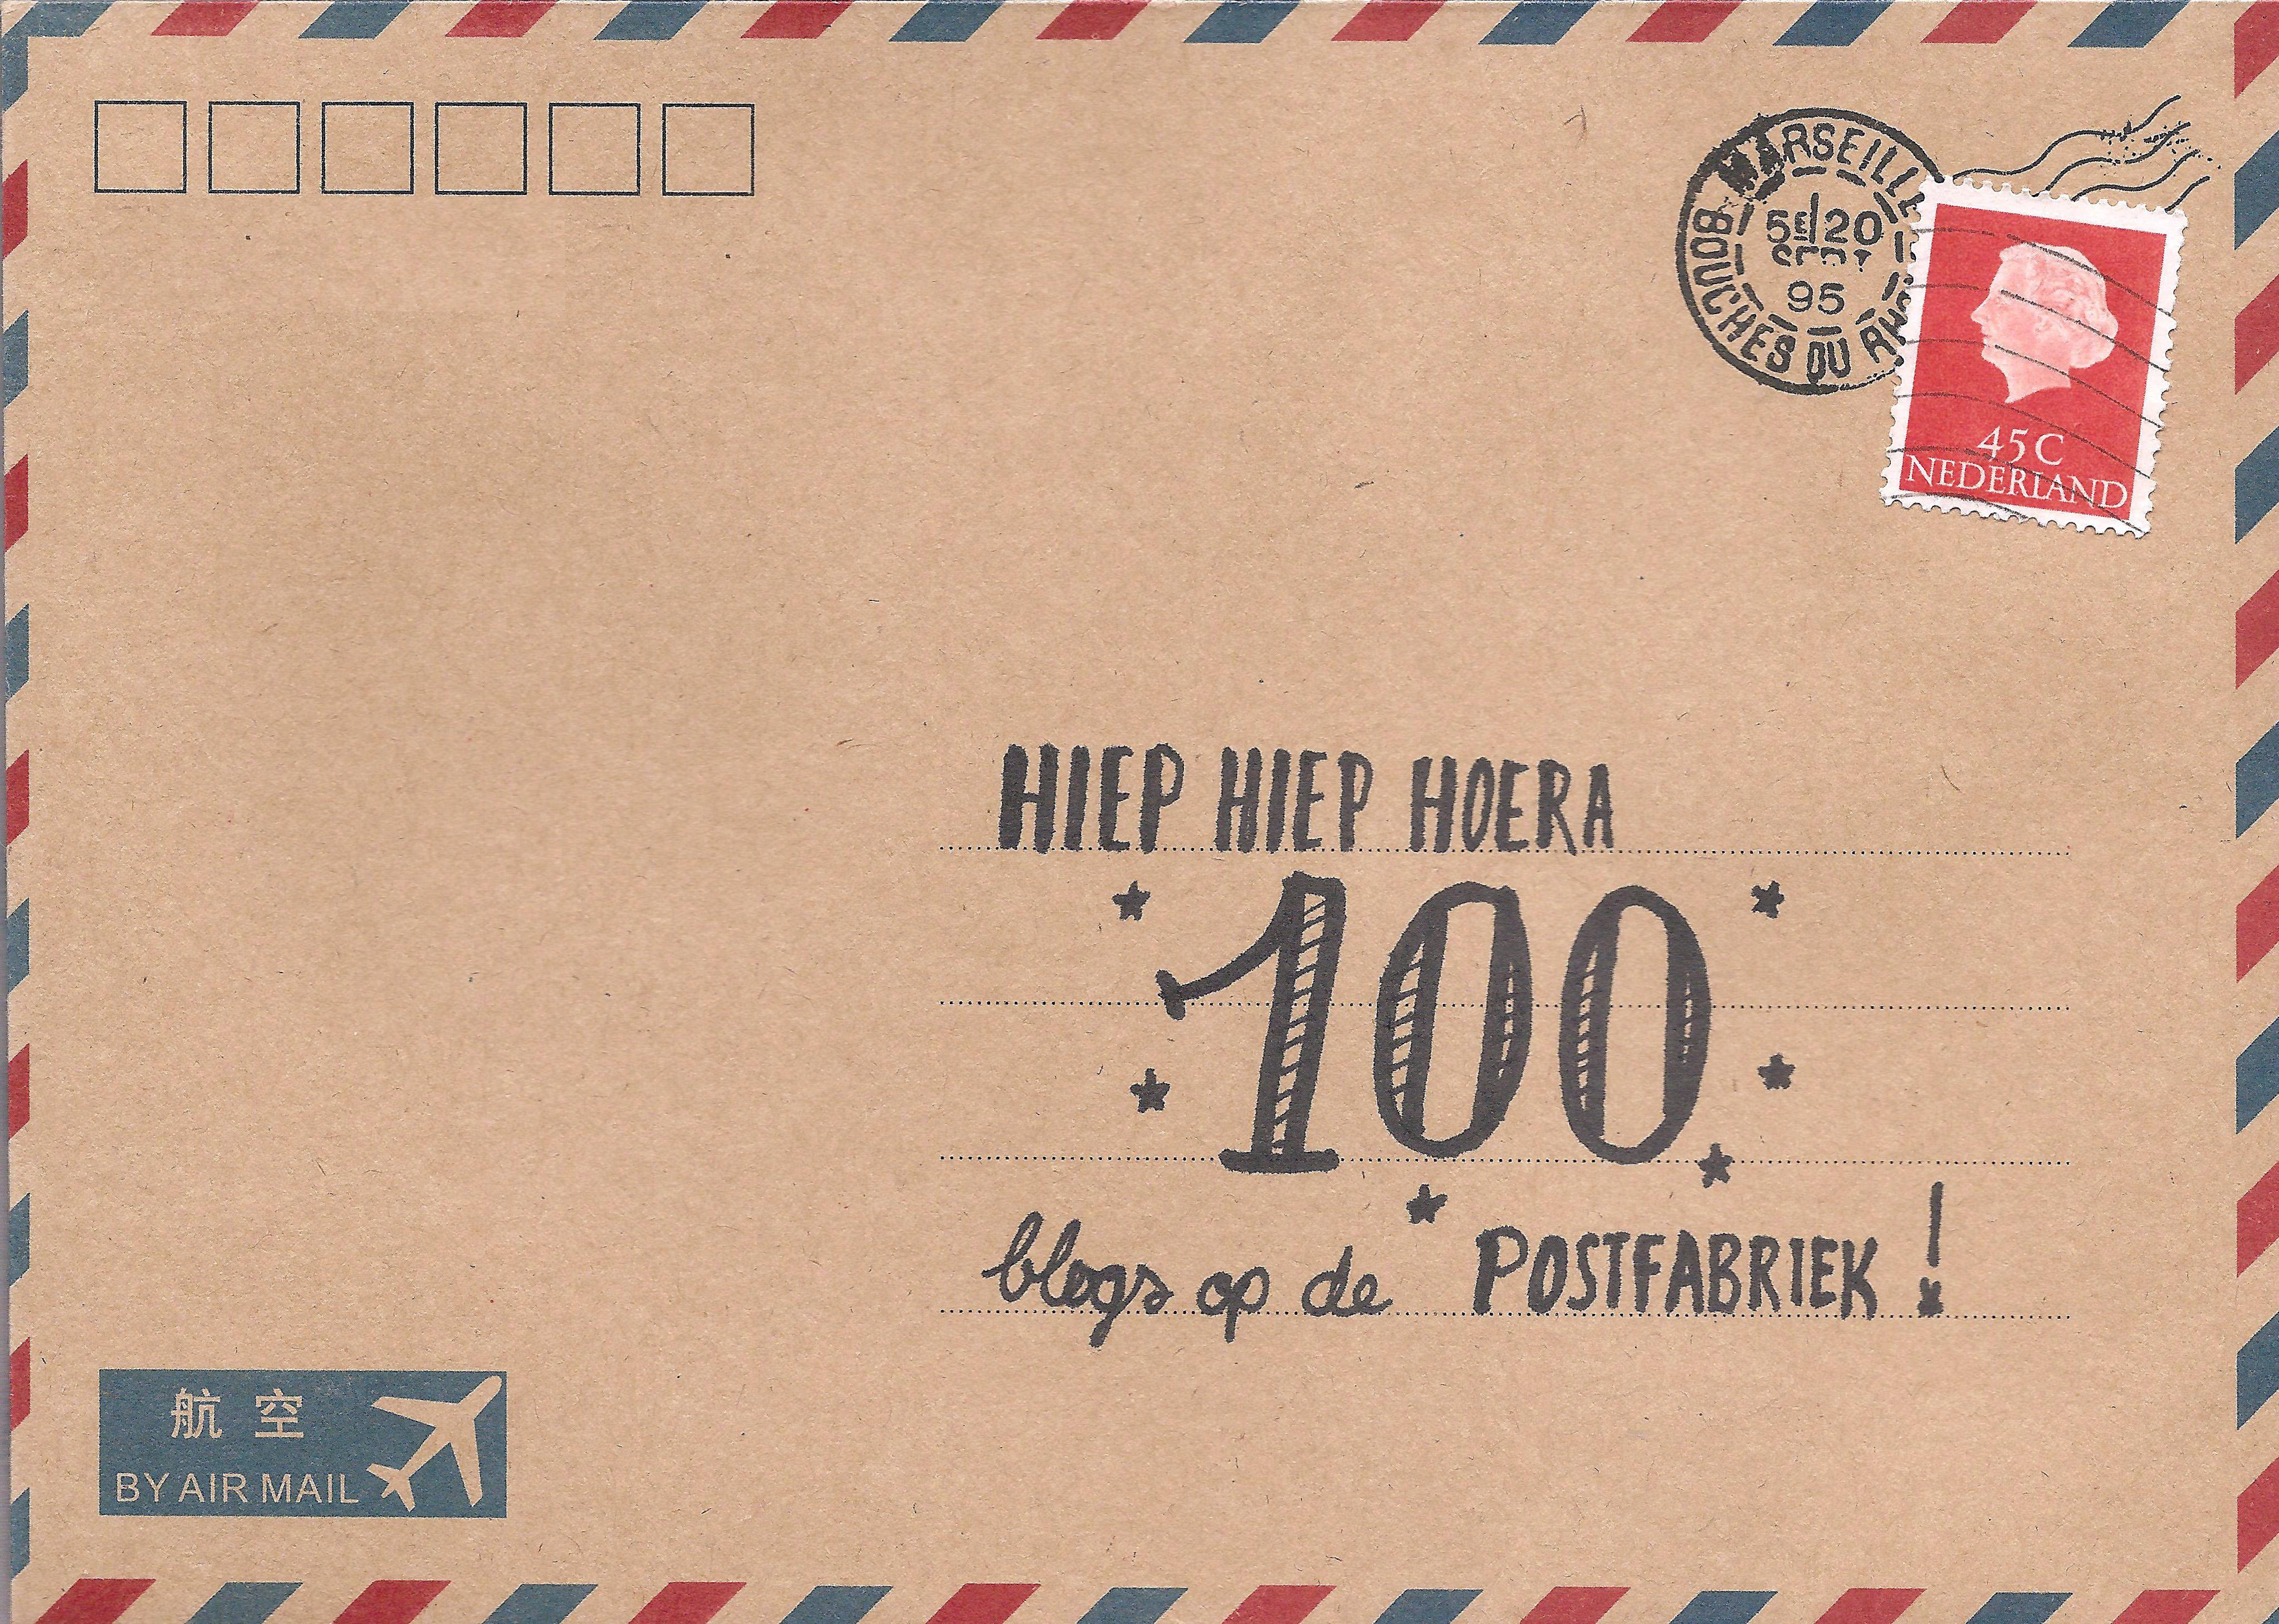 100 blogs envelop